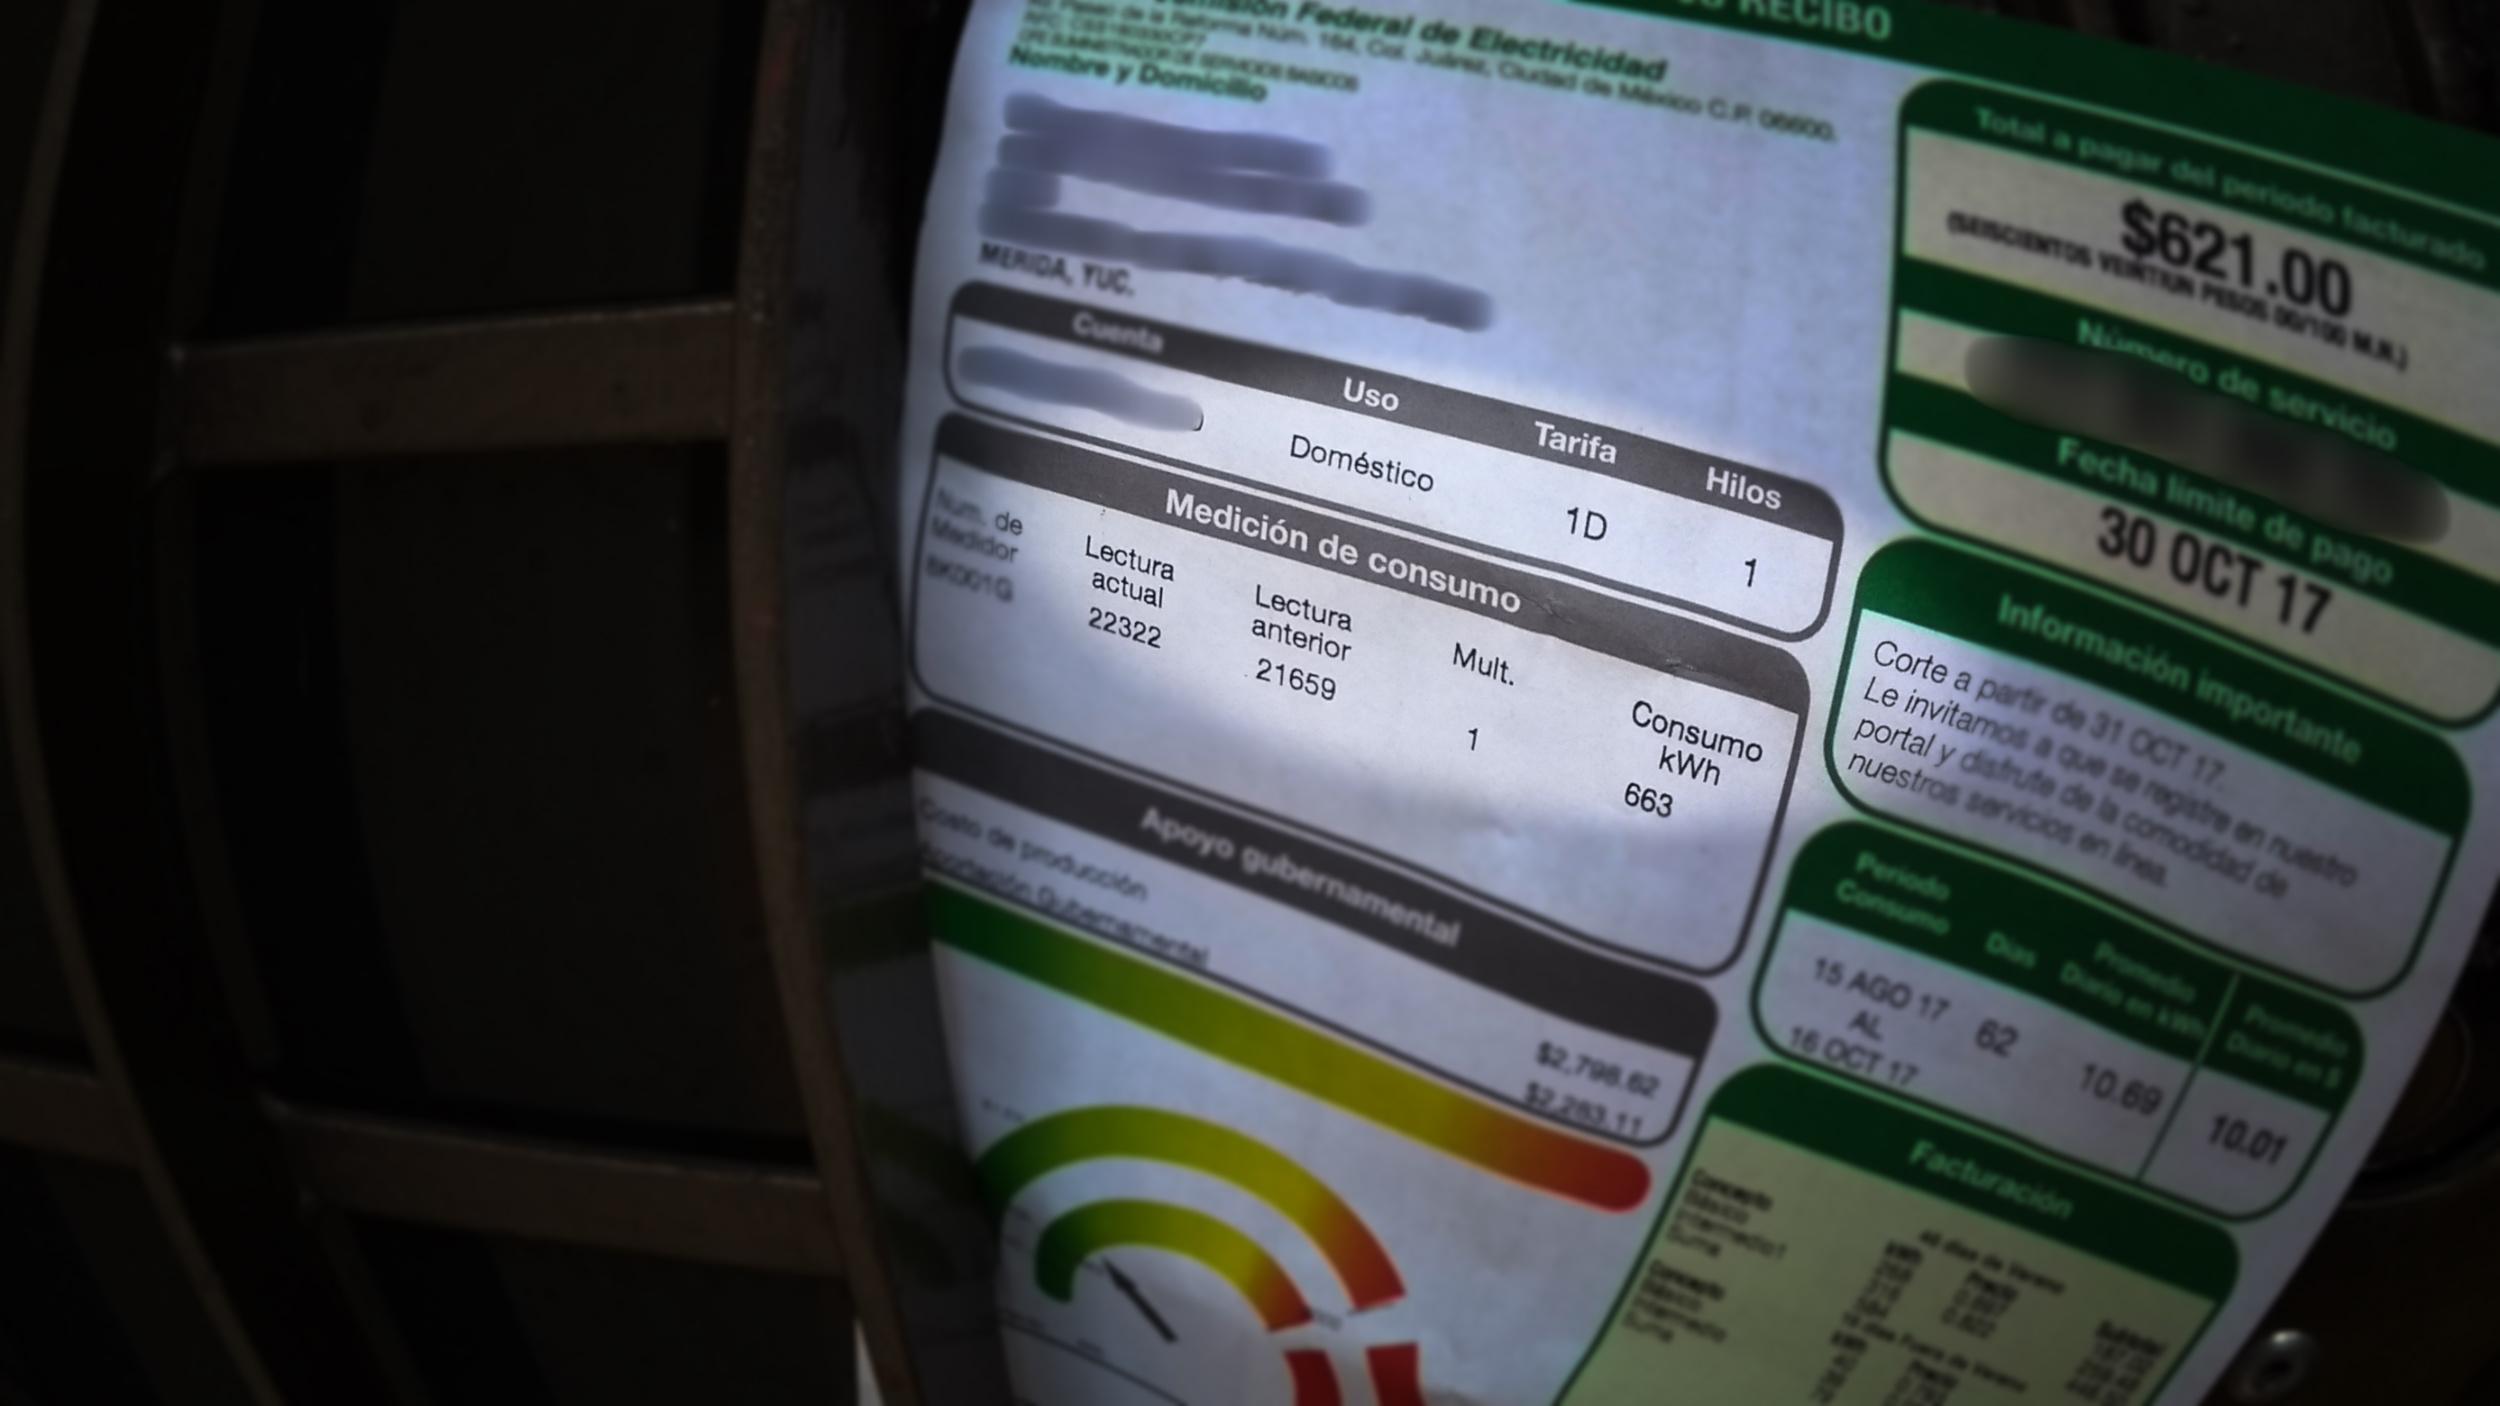 Llegan primeros recibos de luz con tarifa más baja en Mérida